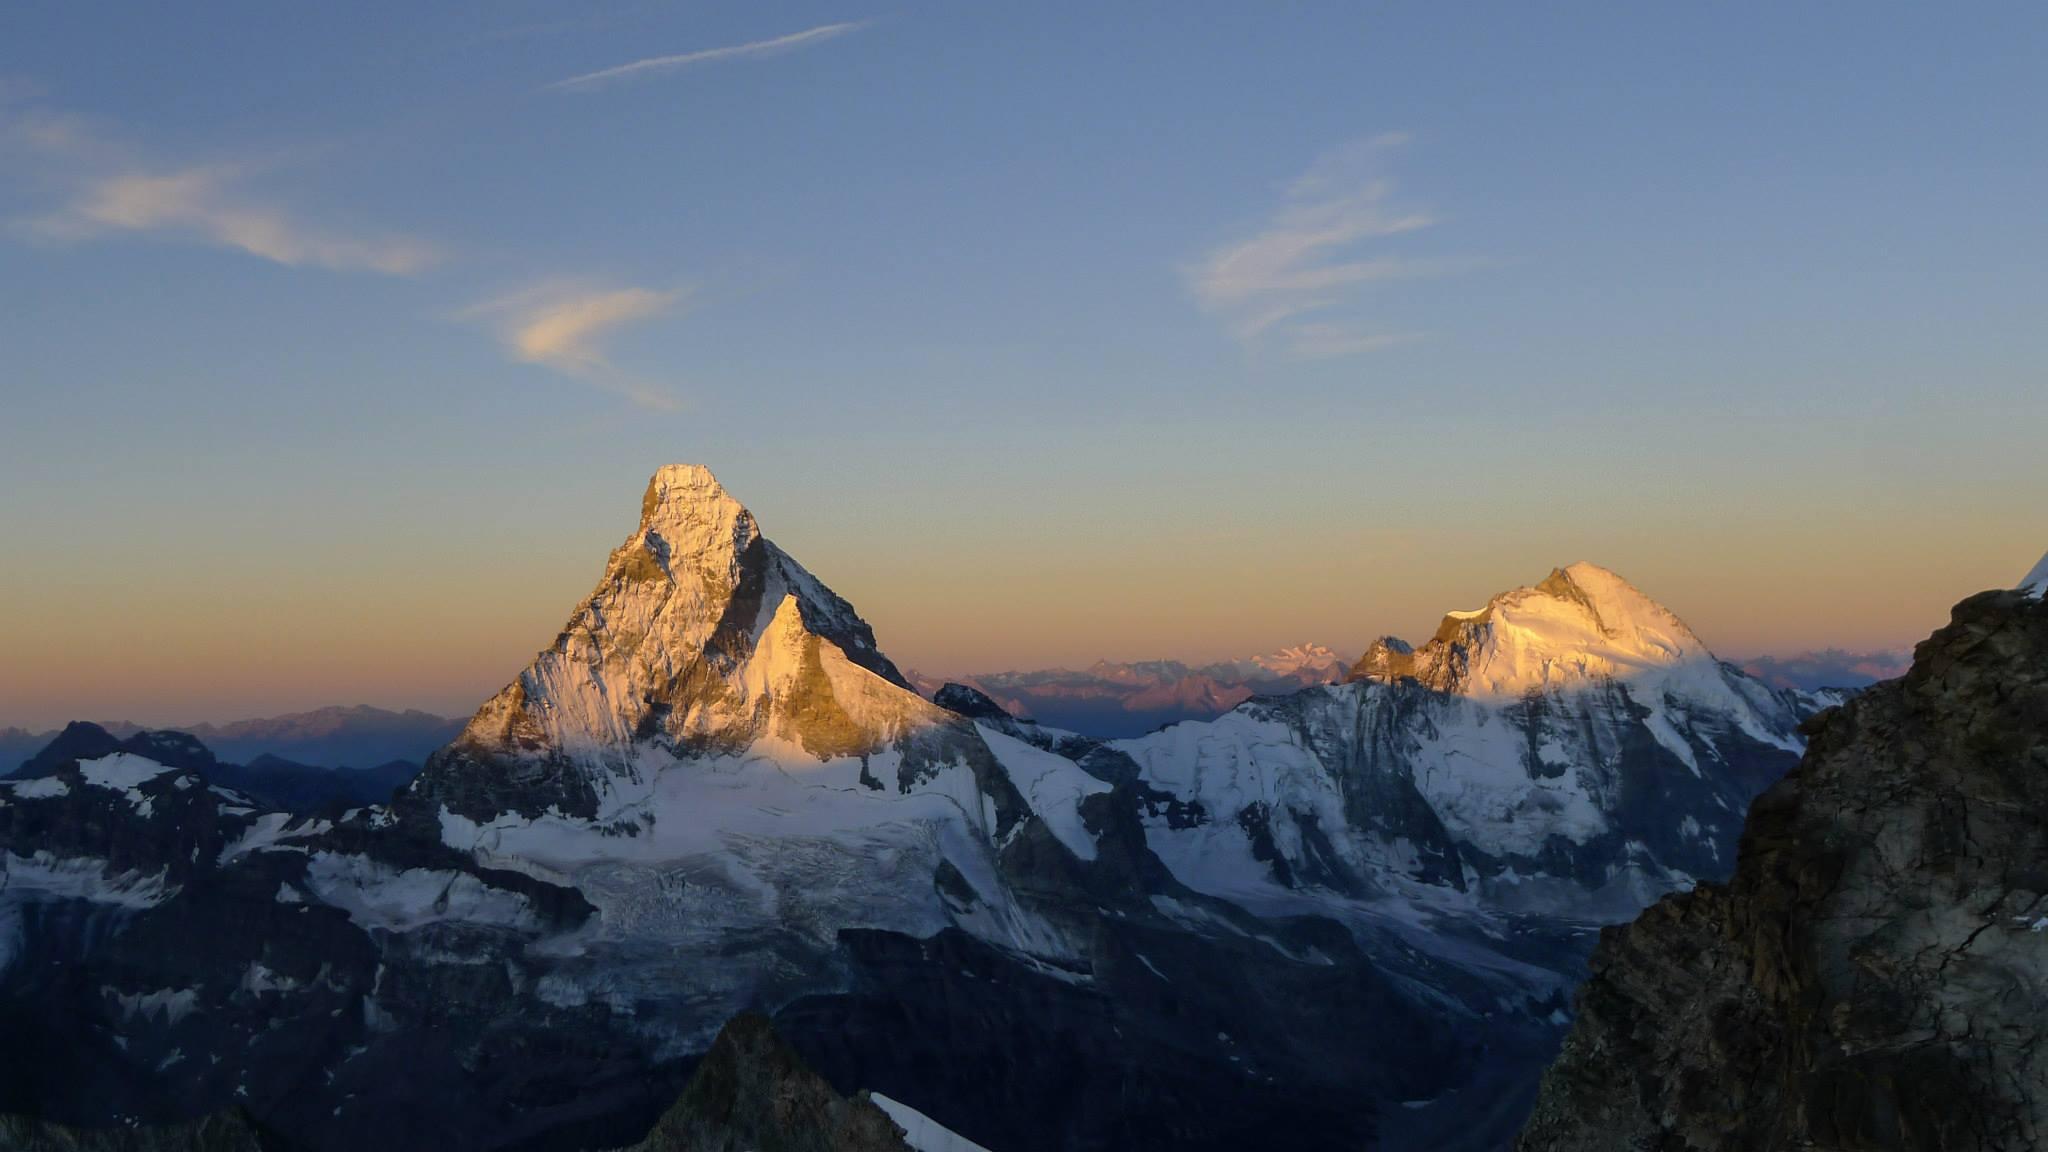 Mountain Assurance